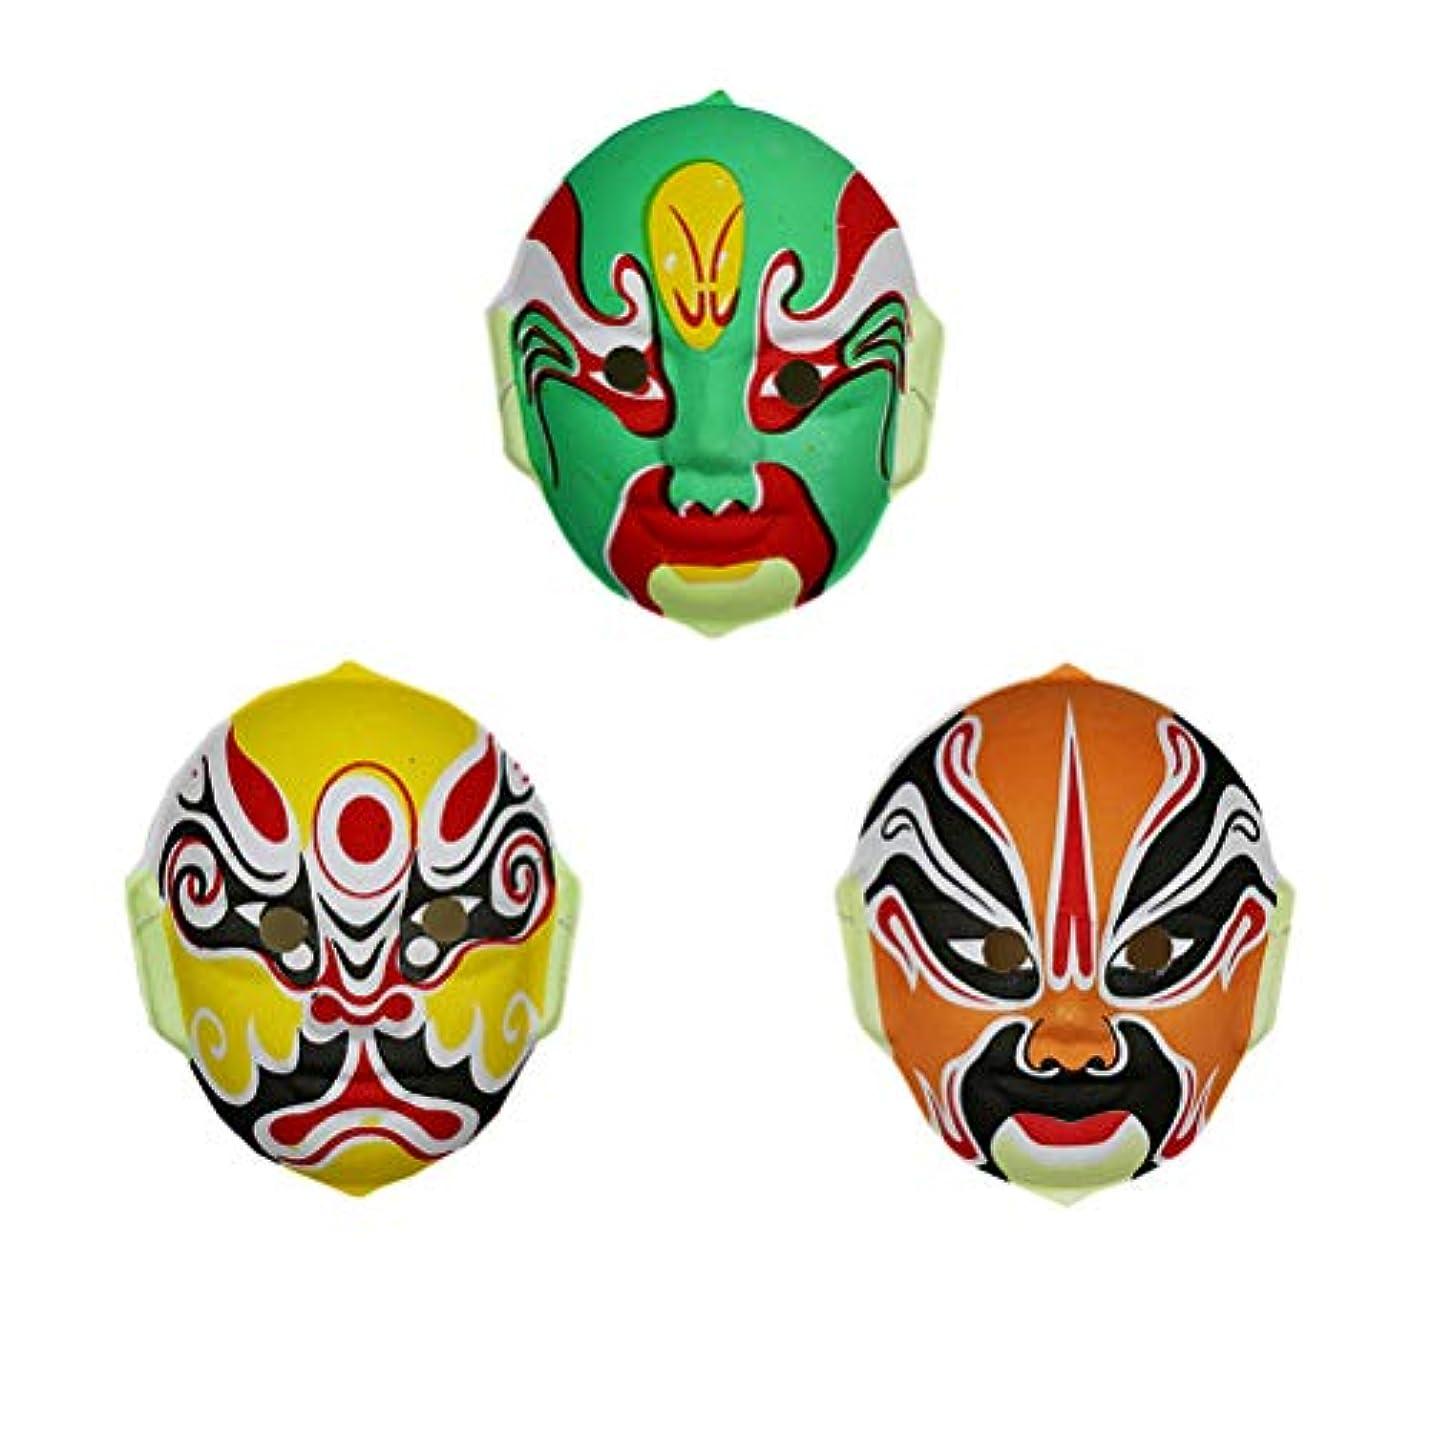 香港資産大理石TINKSKY 3本 中国 オペラマスク 伝統オペラマスク ハロウィーン コスプレ小道具 パーティー用品 (ランダムスタイル)